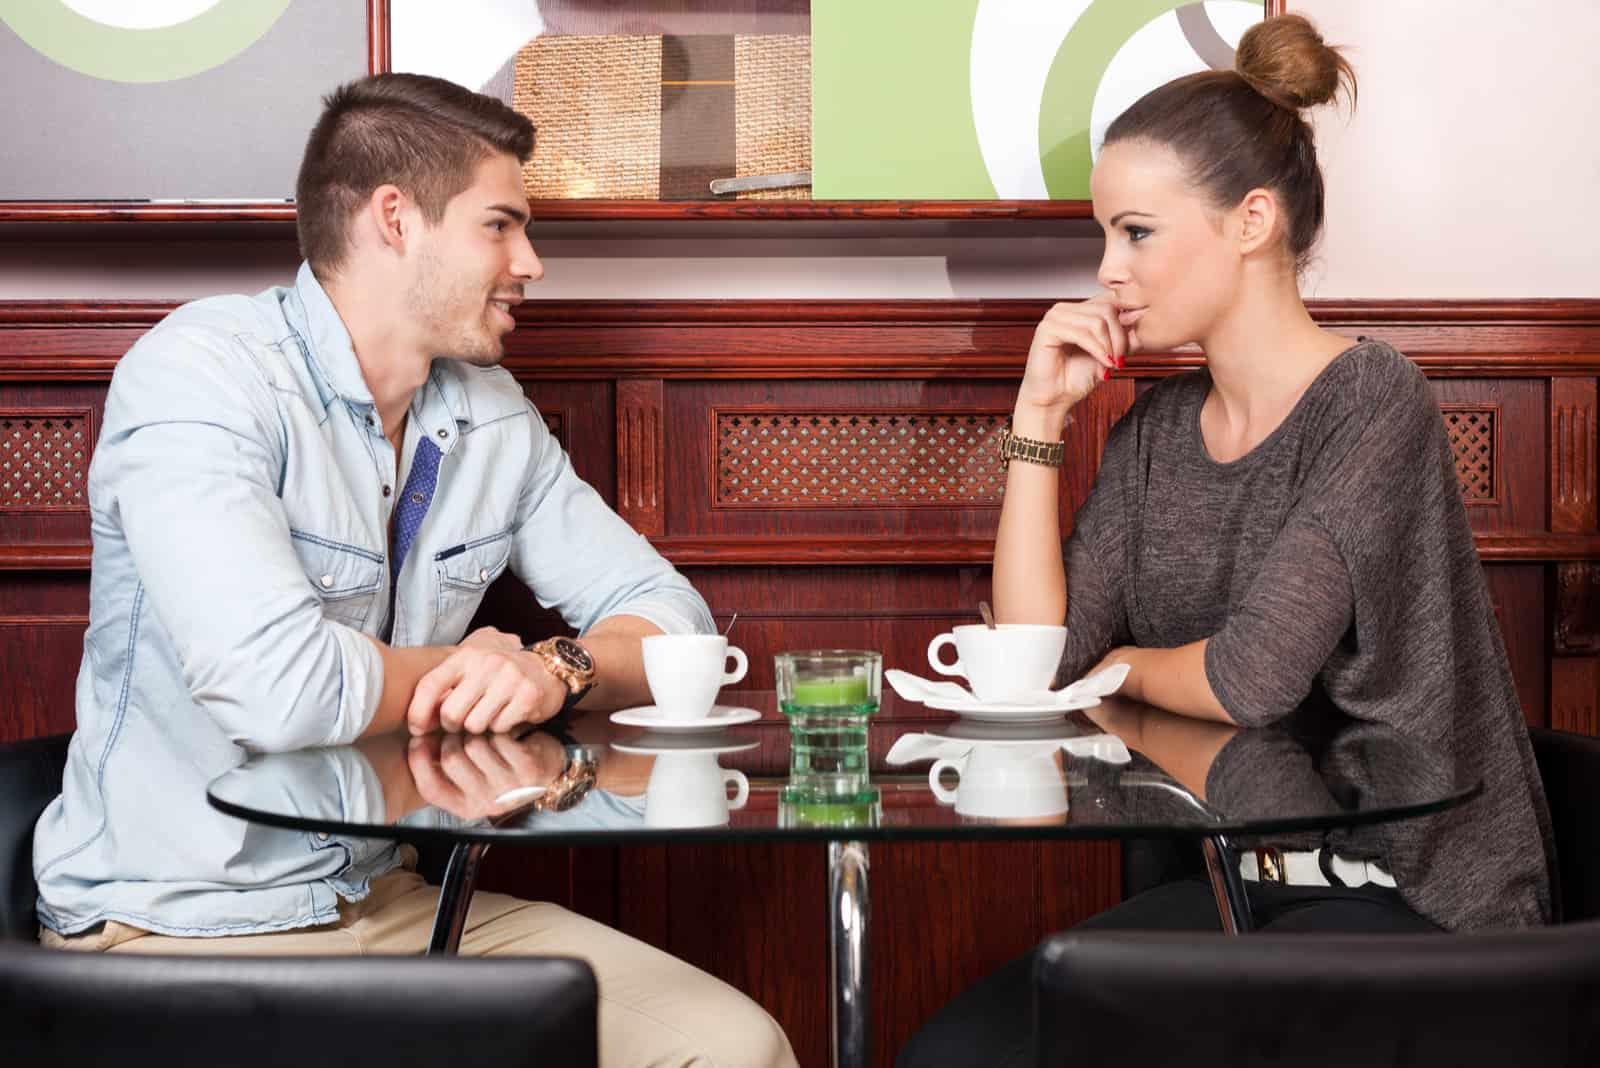 un homme et une femme sont assis dans un café en train de boire du café et de parler